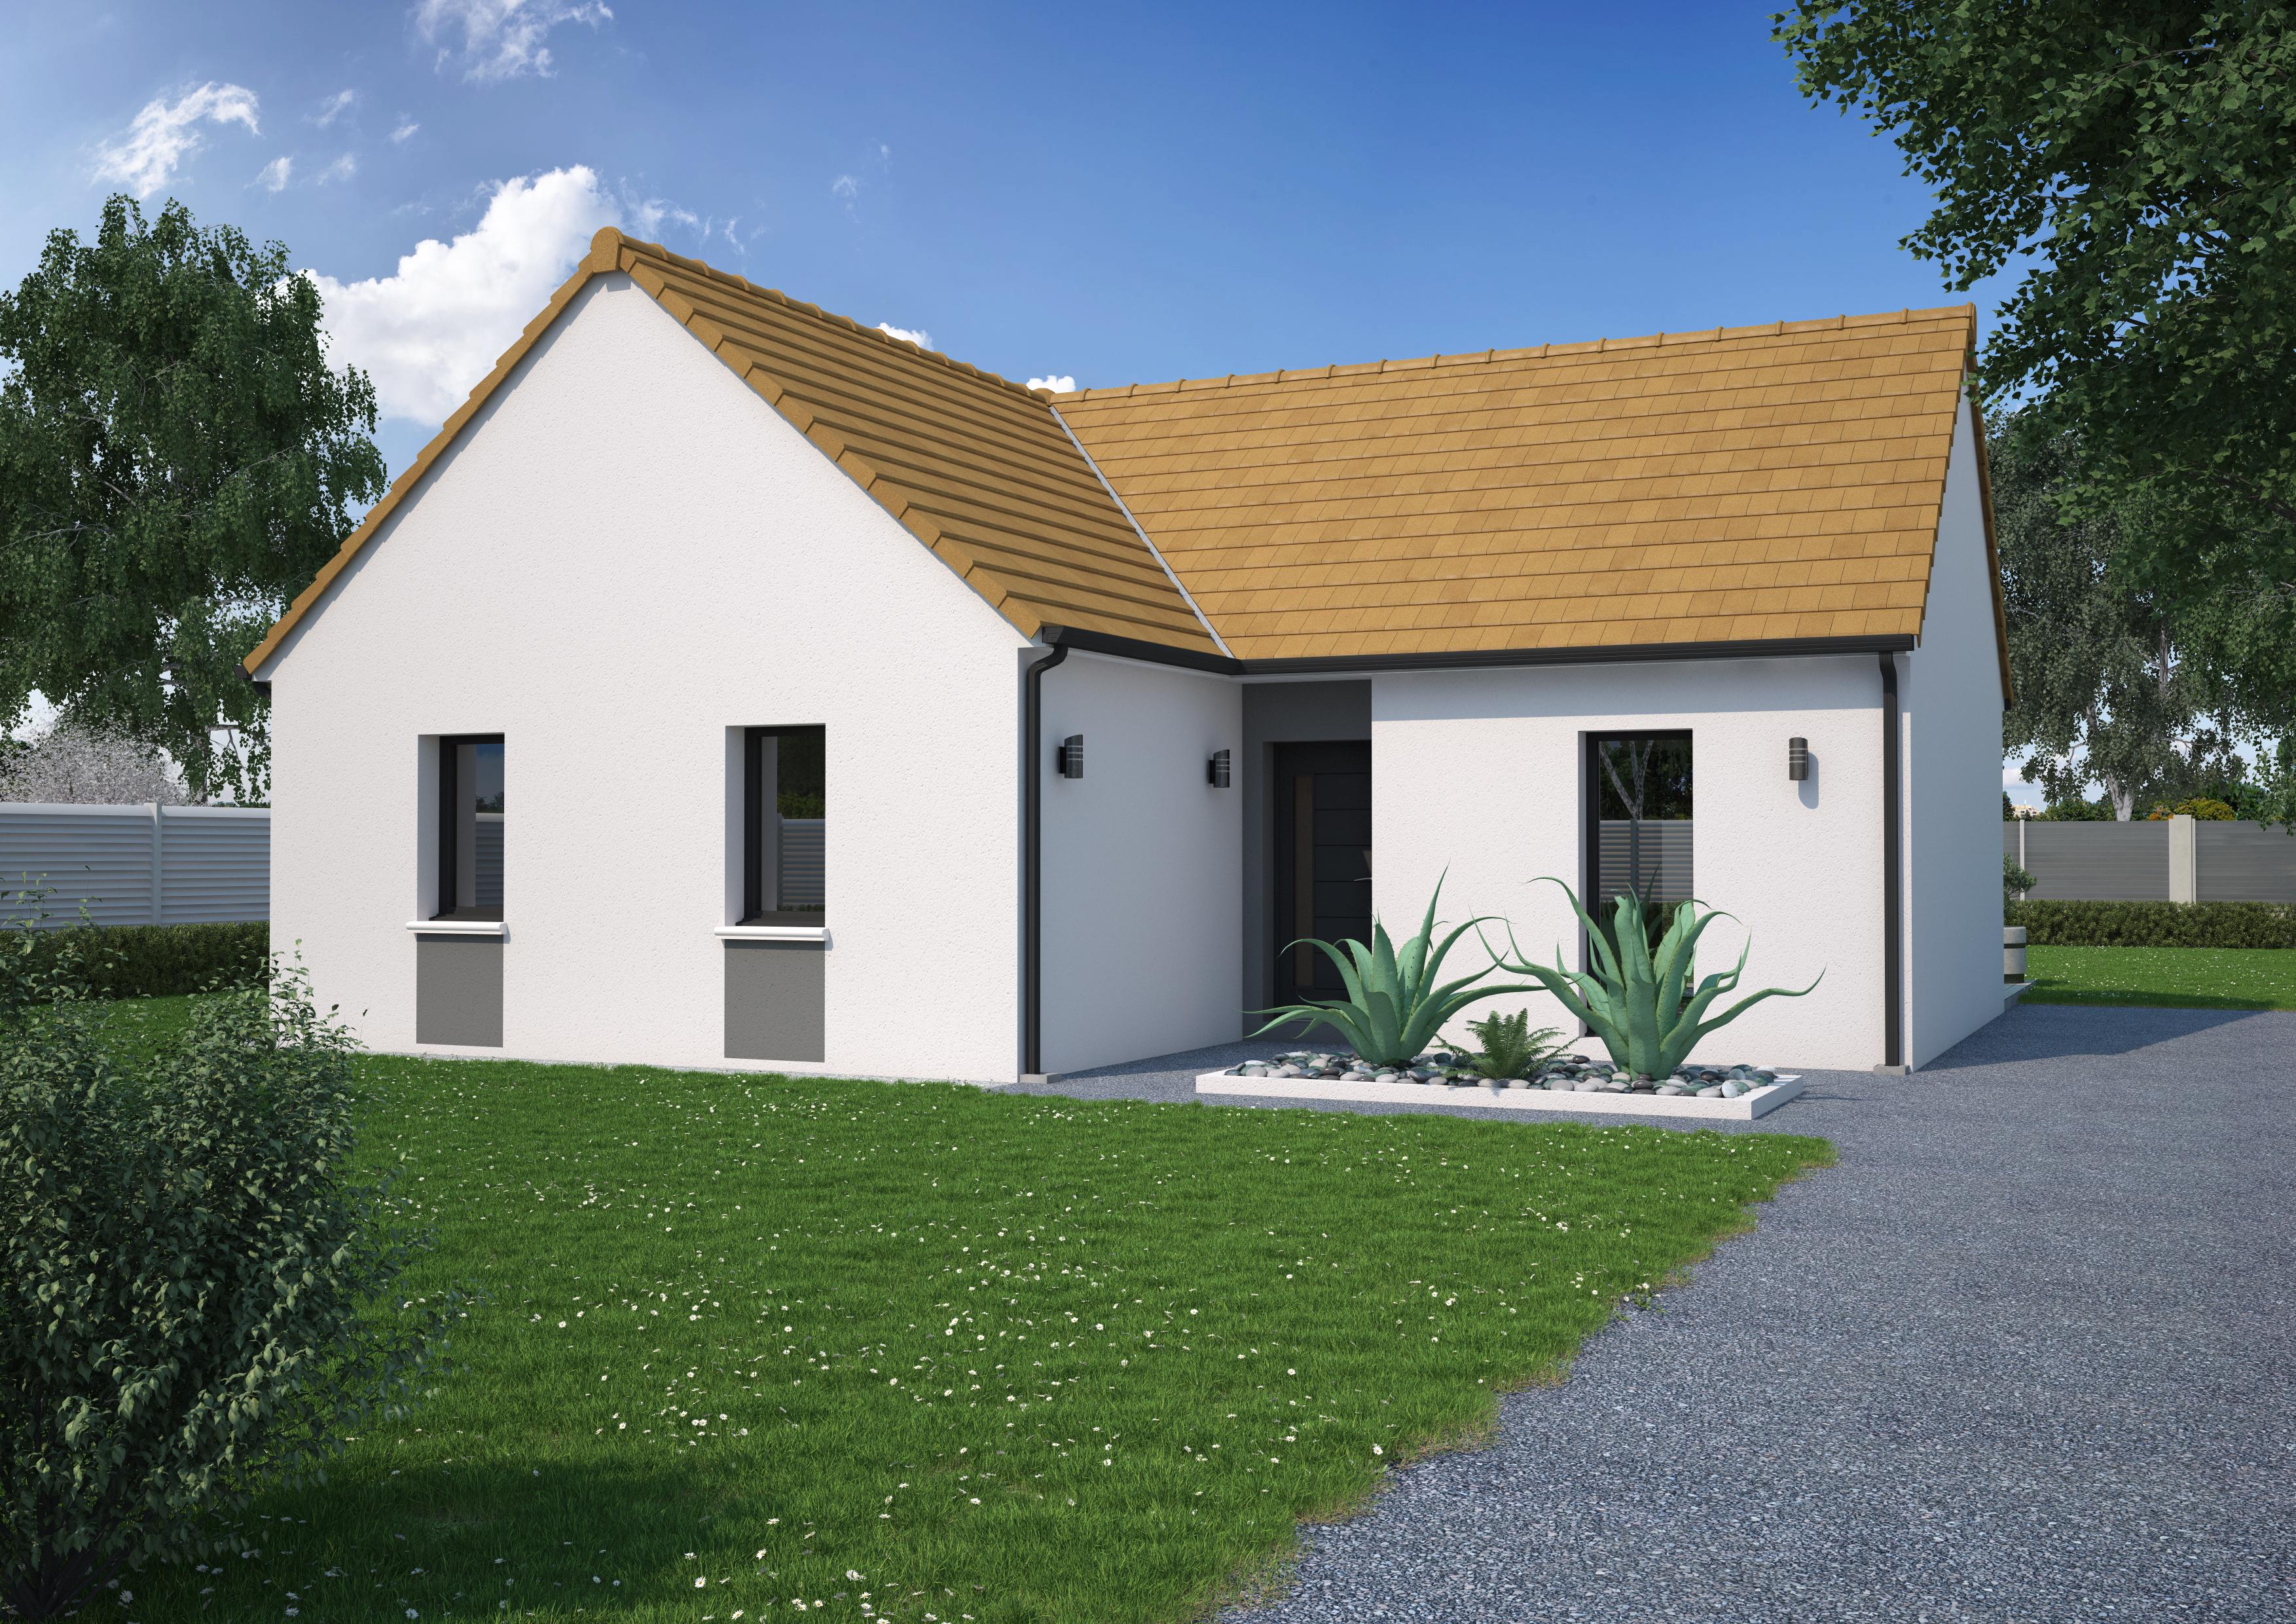 Maison 3 chambres de 76 m²